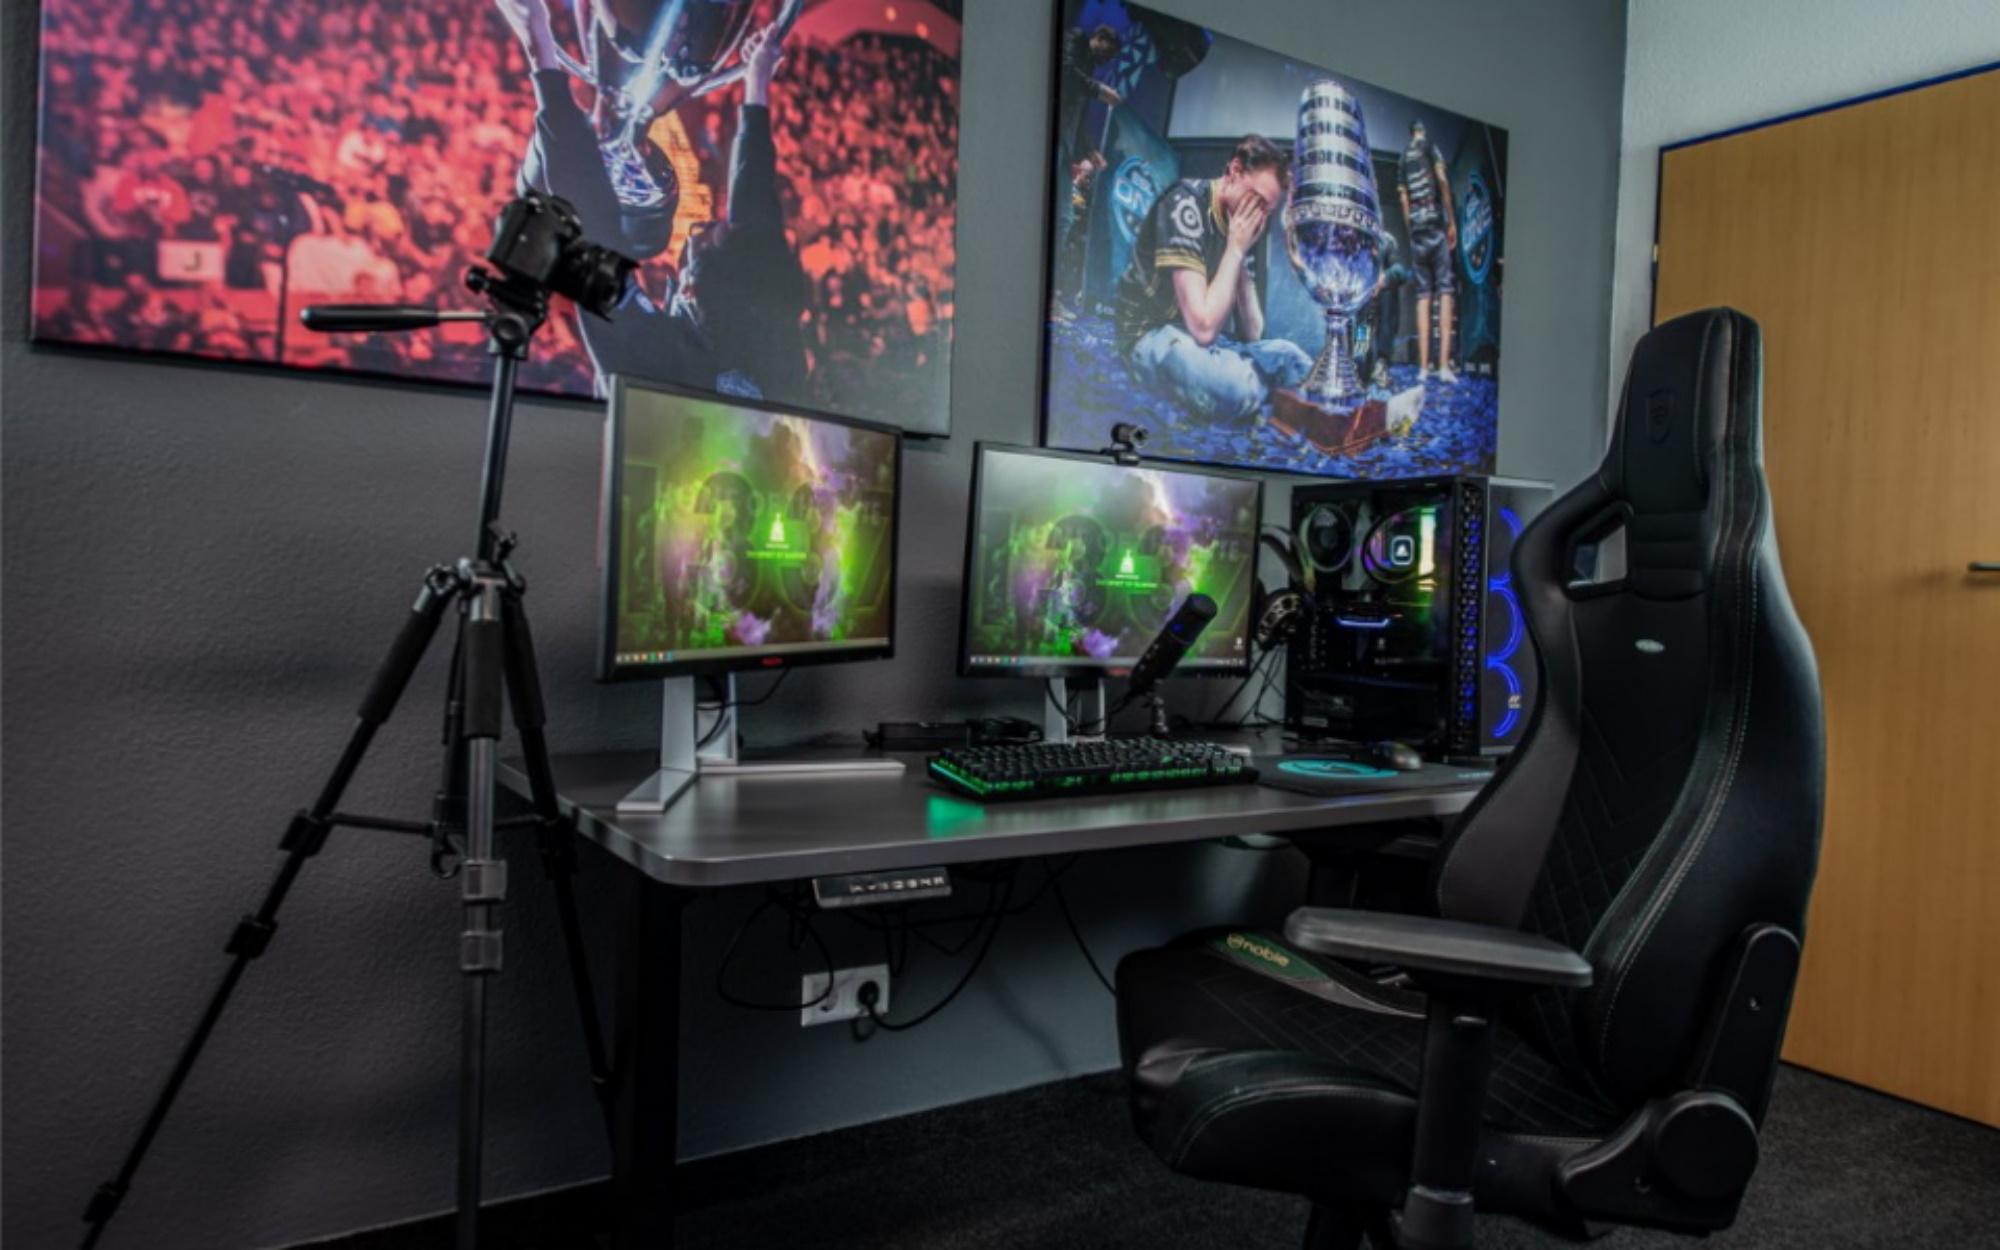 Κάνε level up την εμπειρία του gaming με τα πιο άνετα racing καθίσματα!